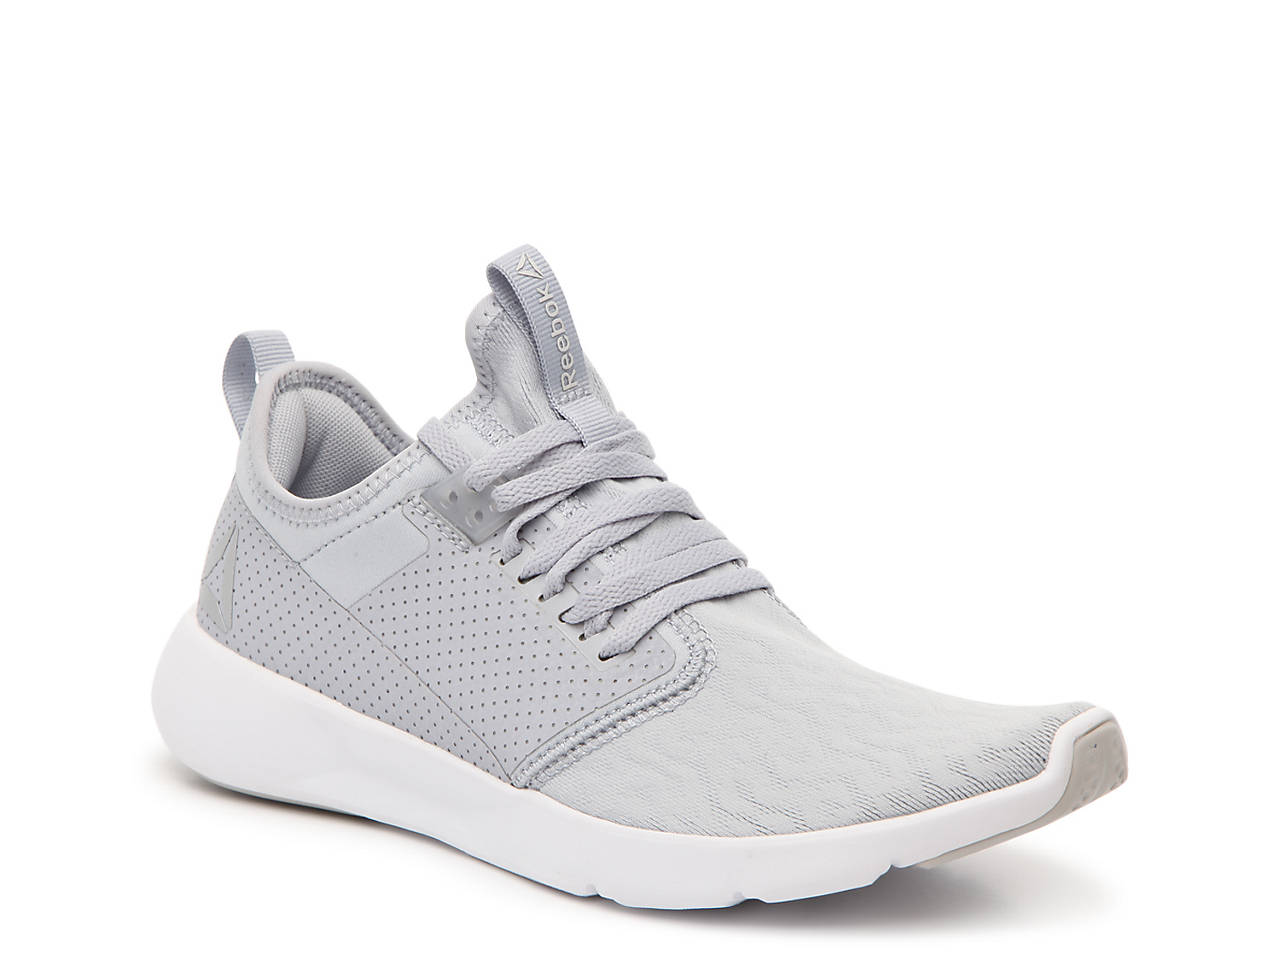 Reebok Plus Lite 2 Lightweight Running Shoe - Women s Women s Shoes ... 0907f6fba